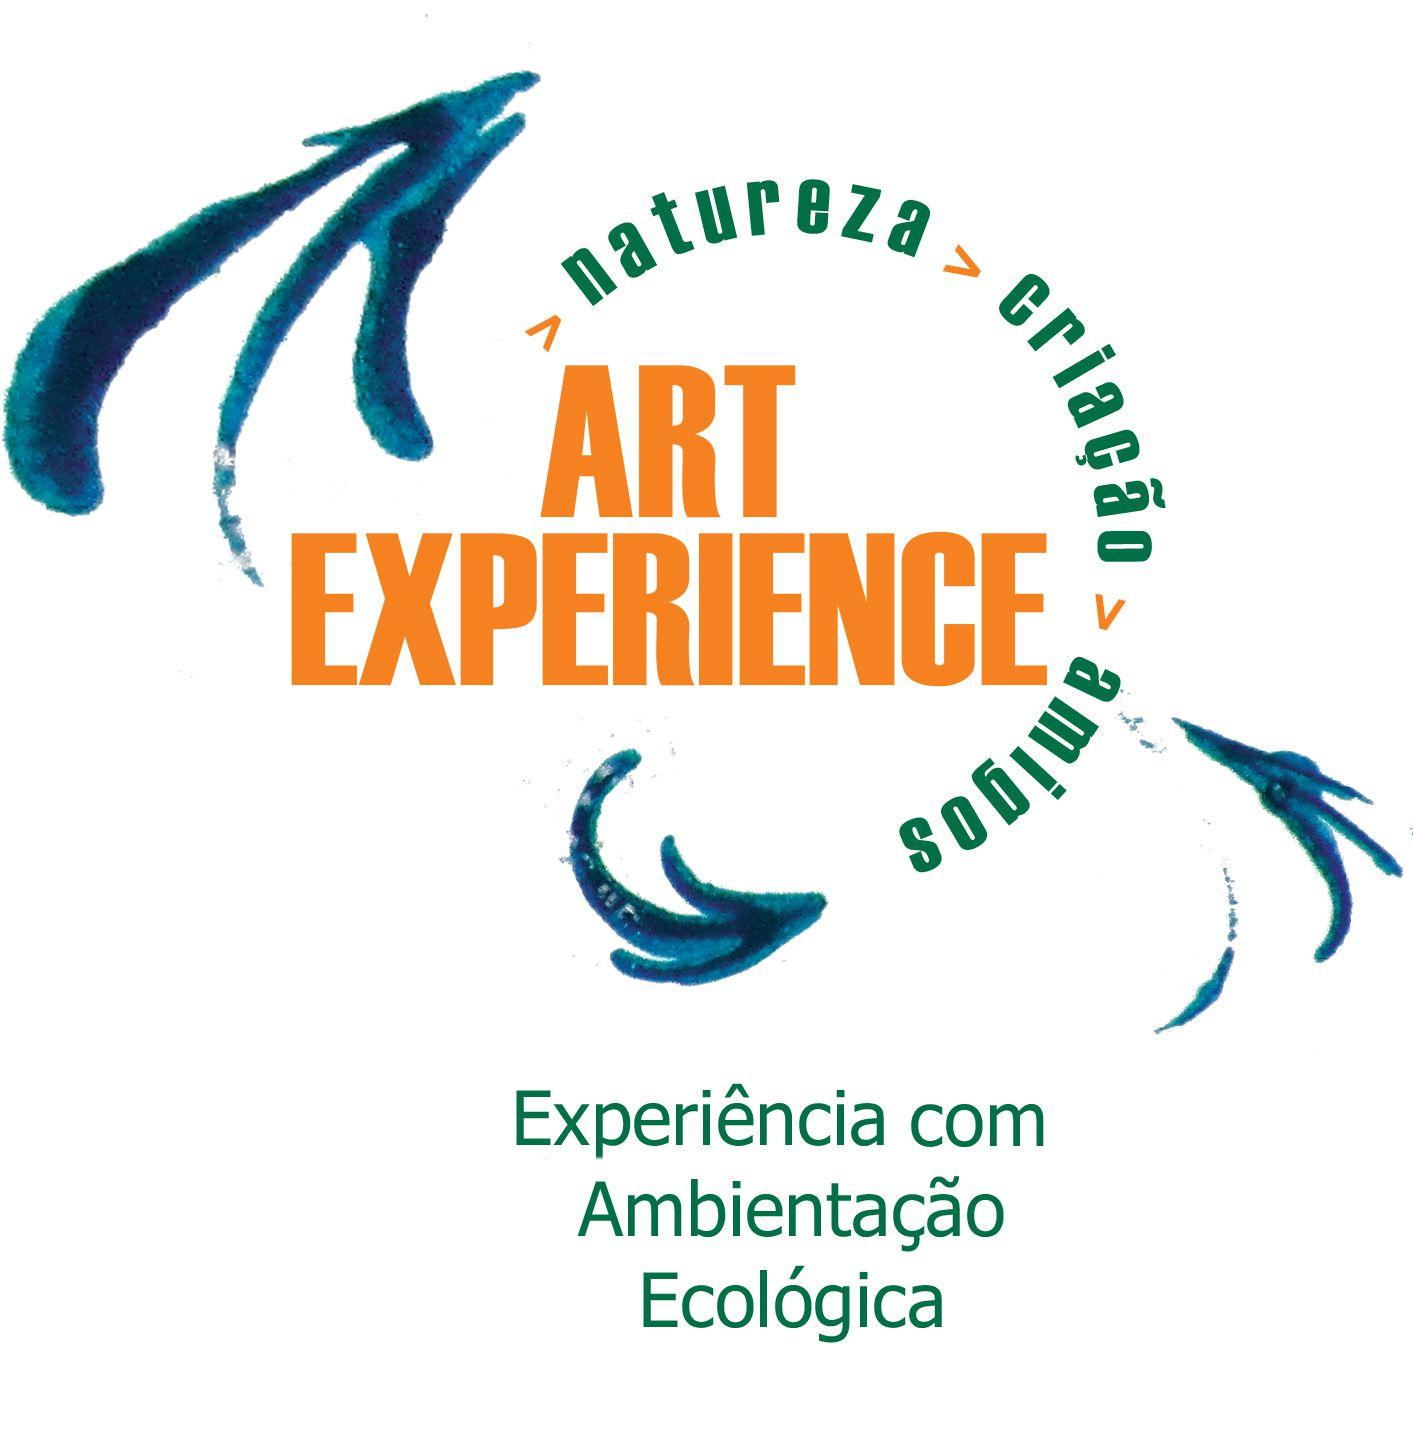 108 - Experiência Artística Sensorial  - 07/09/2019 - Até 11 pessoas, com translado incluso,, da Capital ou Grande ABC